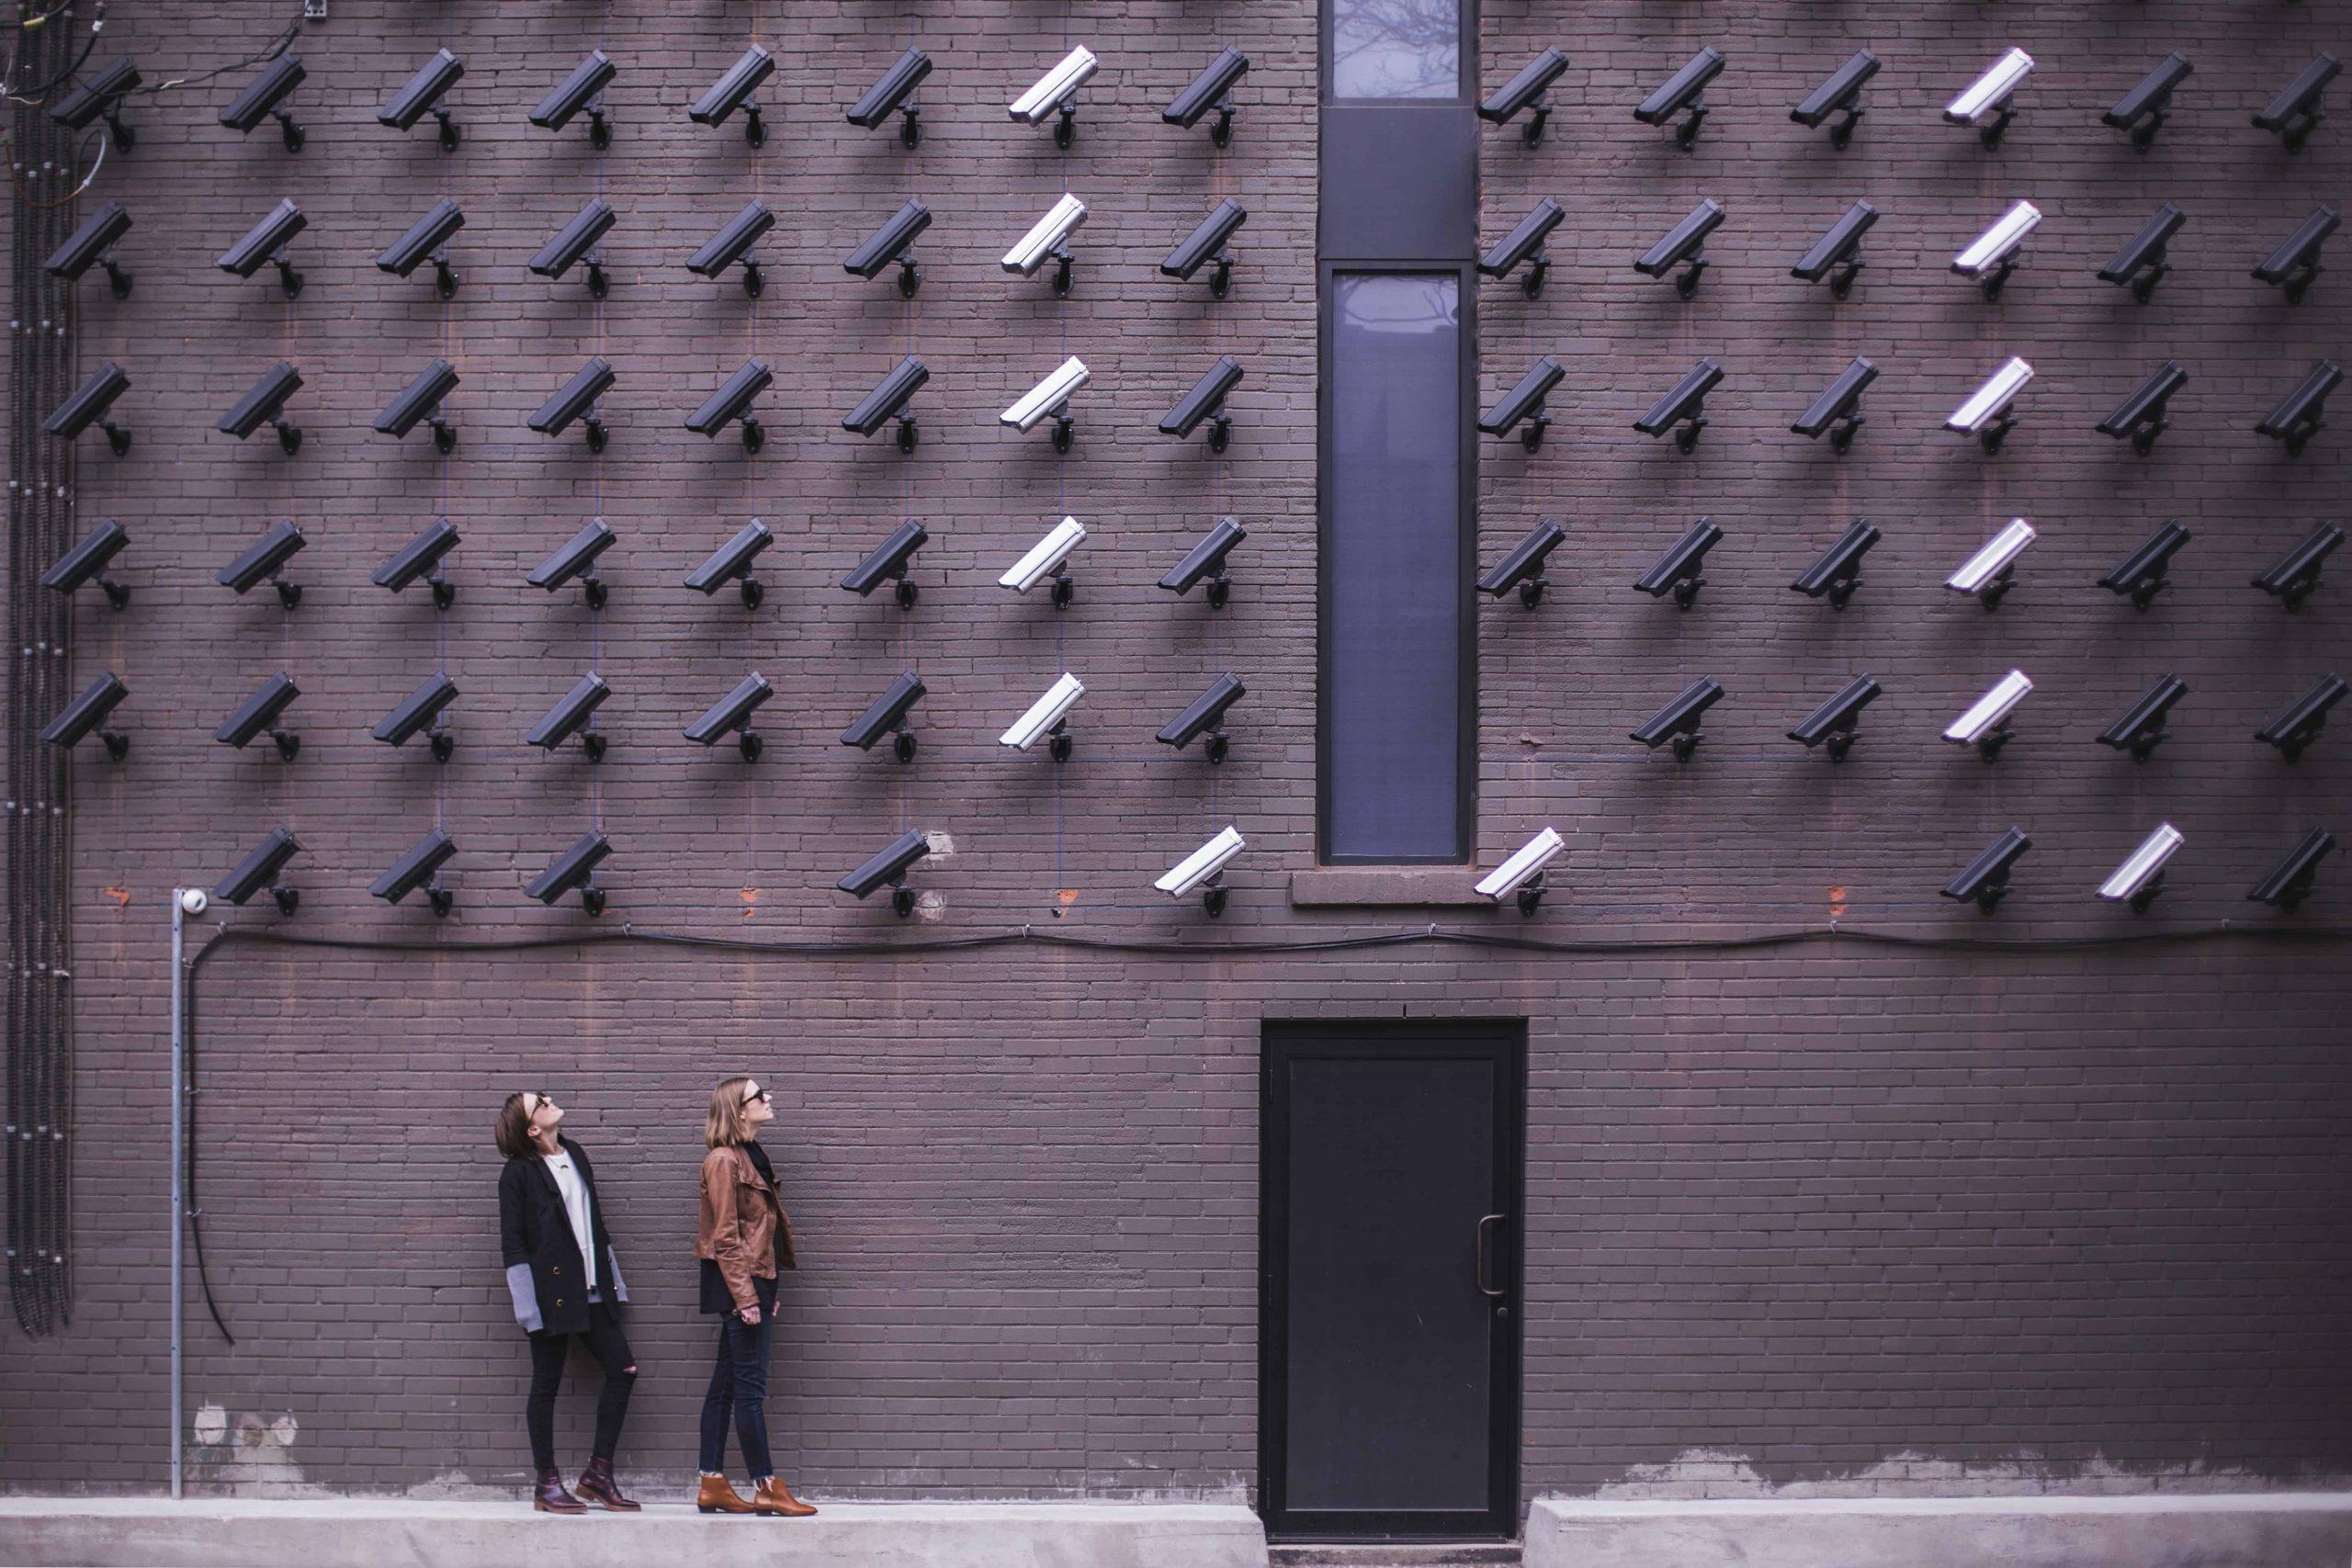 Smart Home Security – Sicherheitstrend der Zukunft?